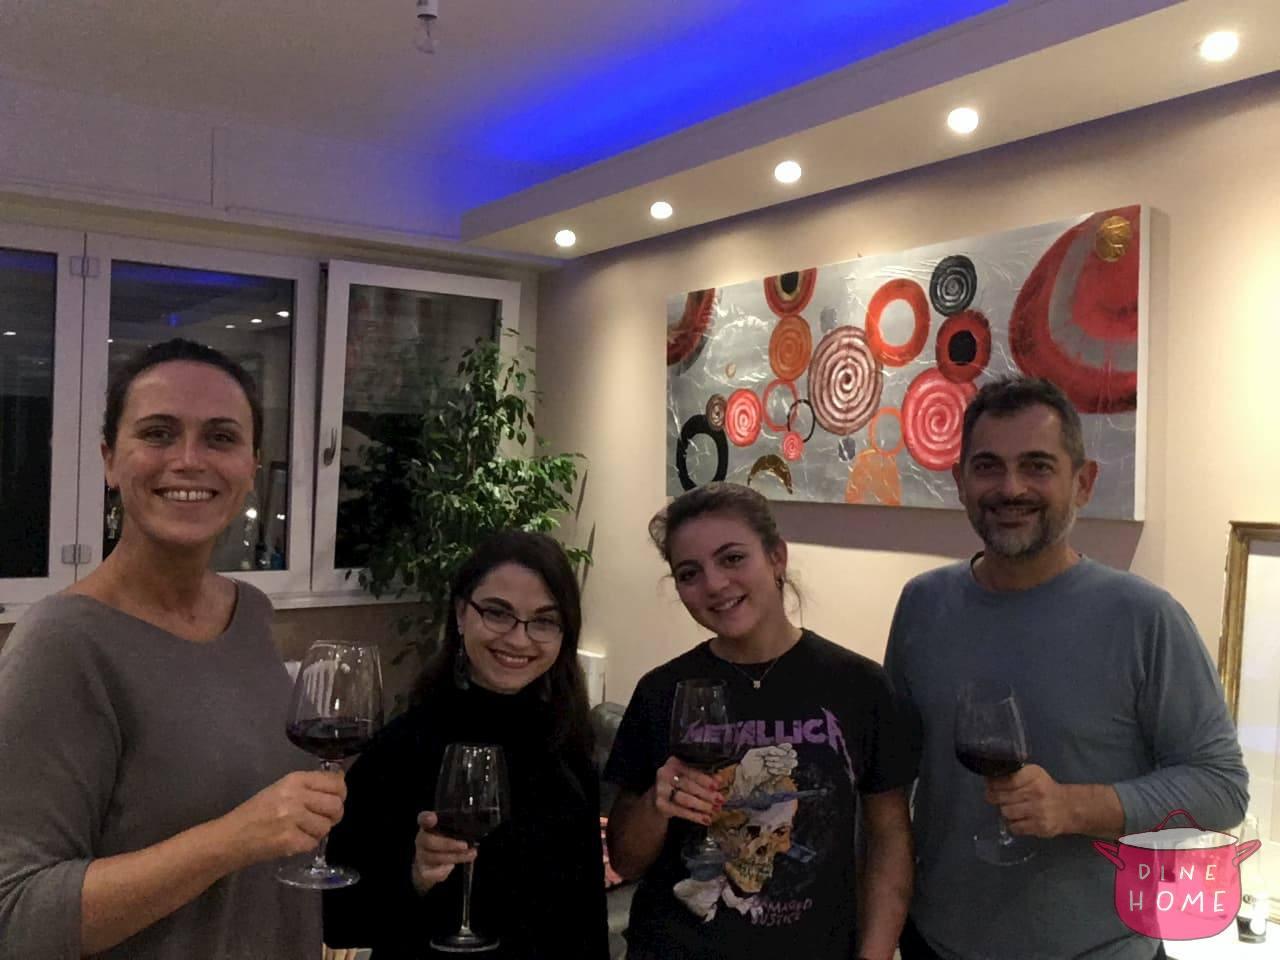 Mariah, studentessa dagli USA, a cena dalla sua famiglia Dinehome.